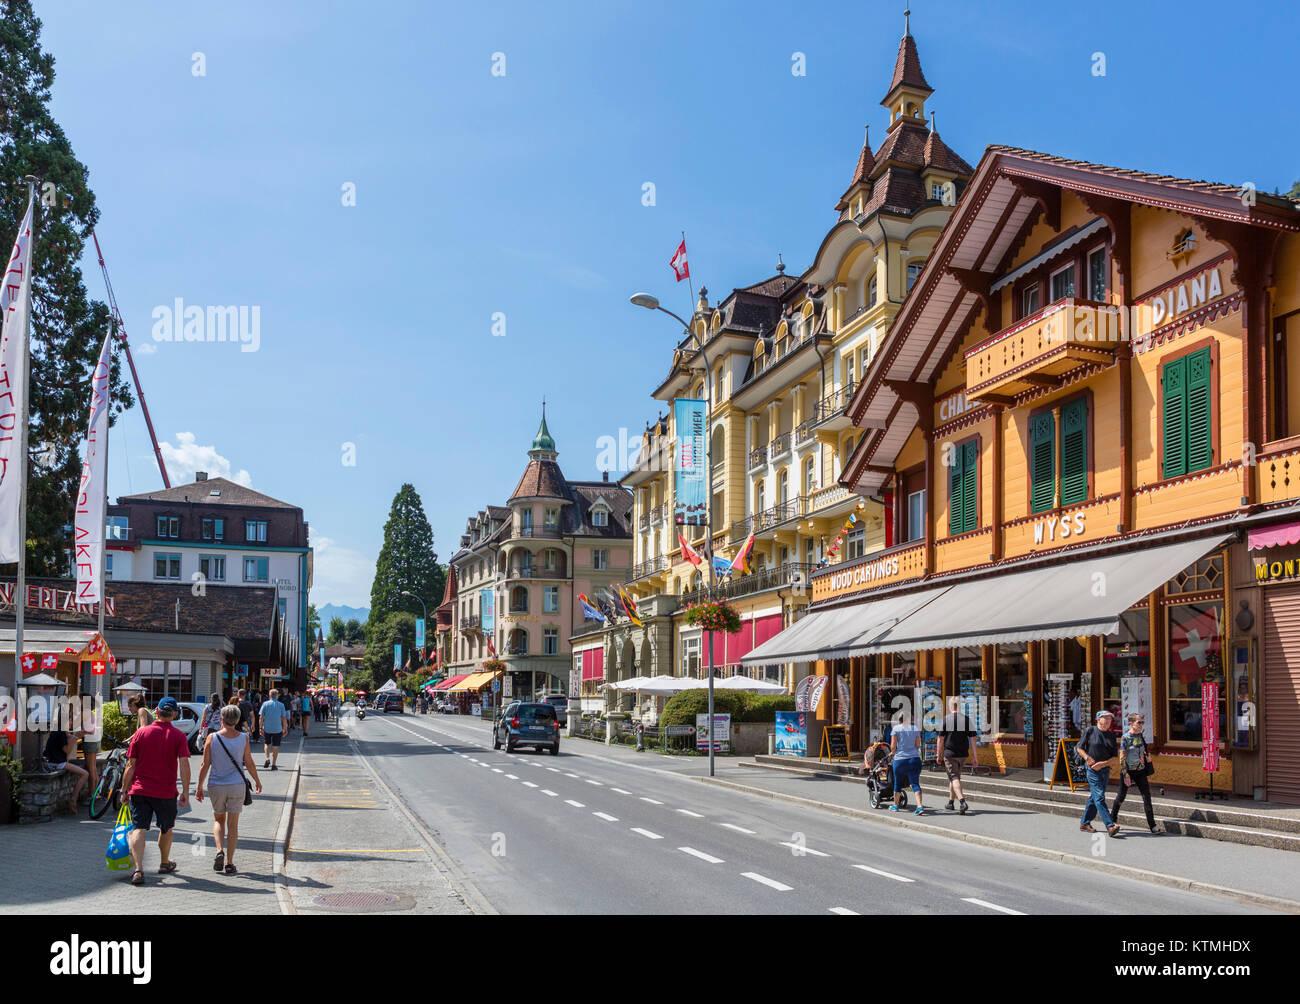 Höheweg, die Hauptstraße in Interlaken, Schweiz Stockbild